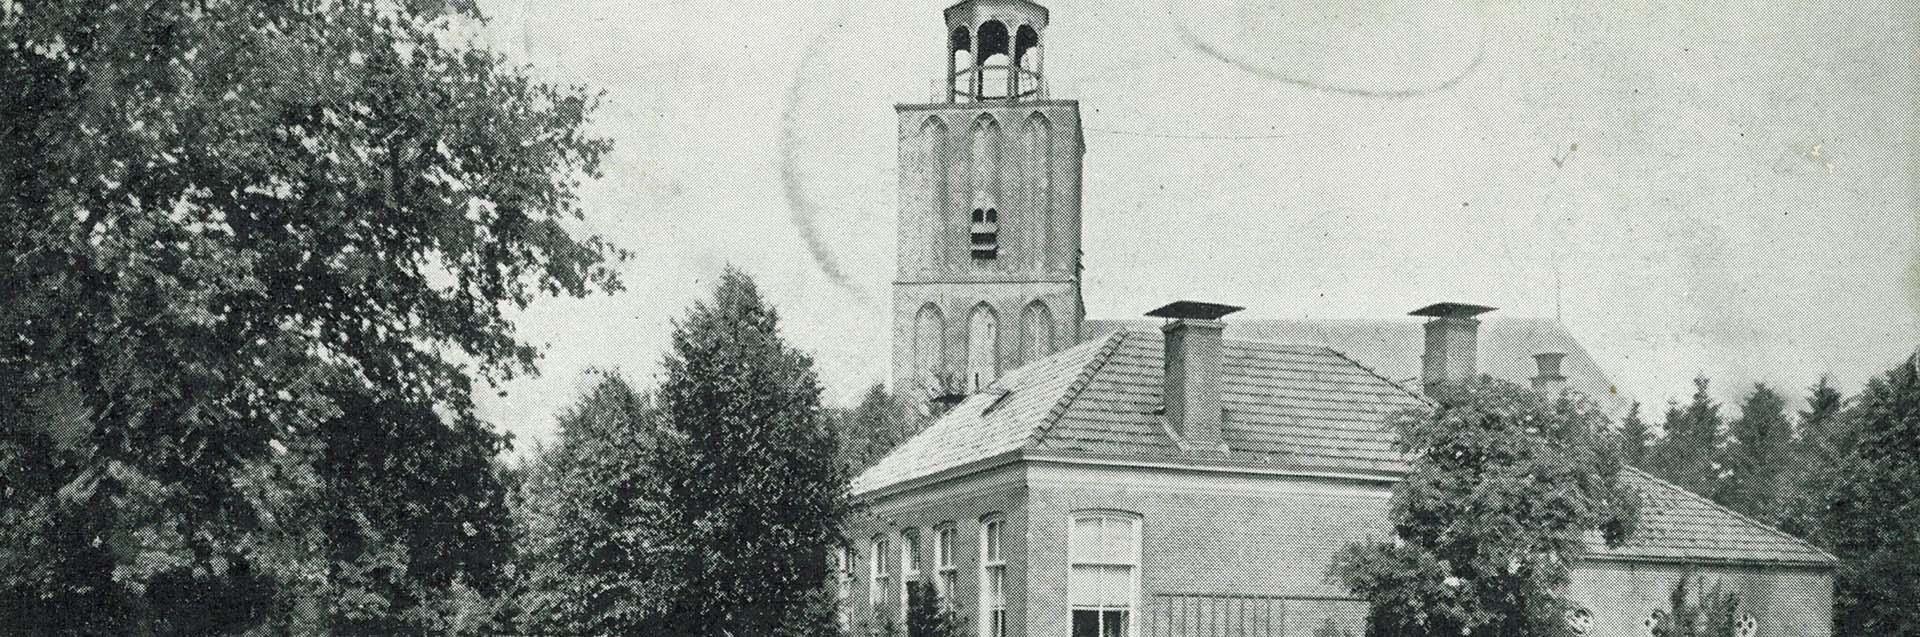 Sleen - Brink met kerktoren